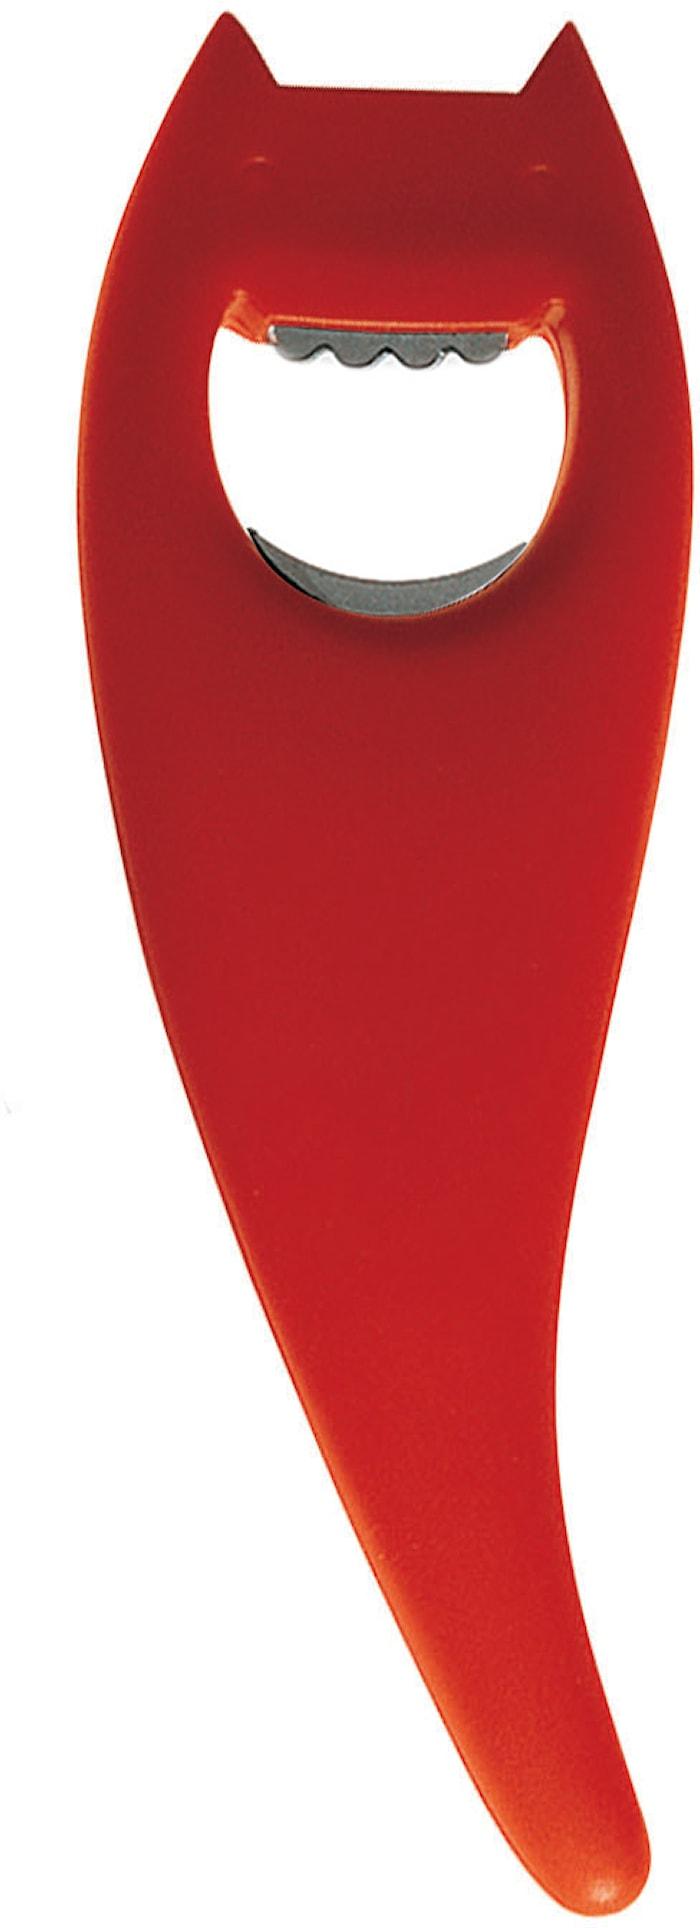 Diabolix Flasköppnare Röd